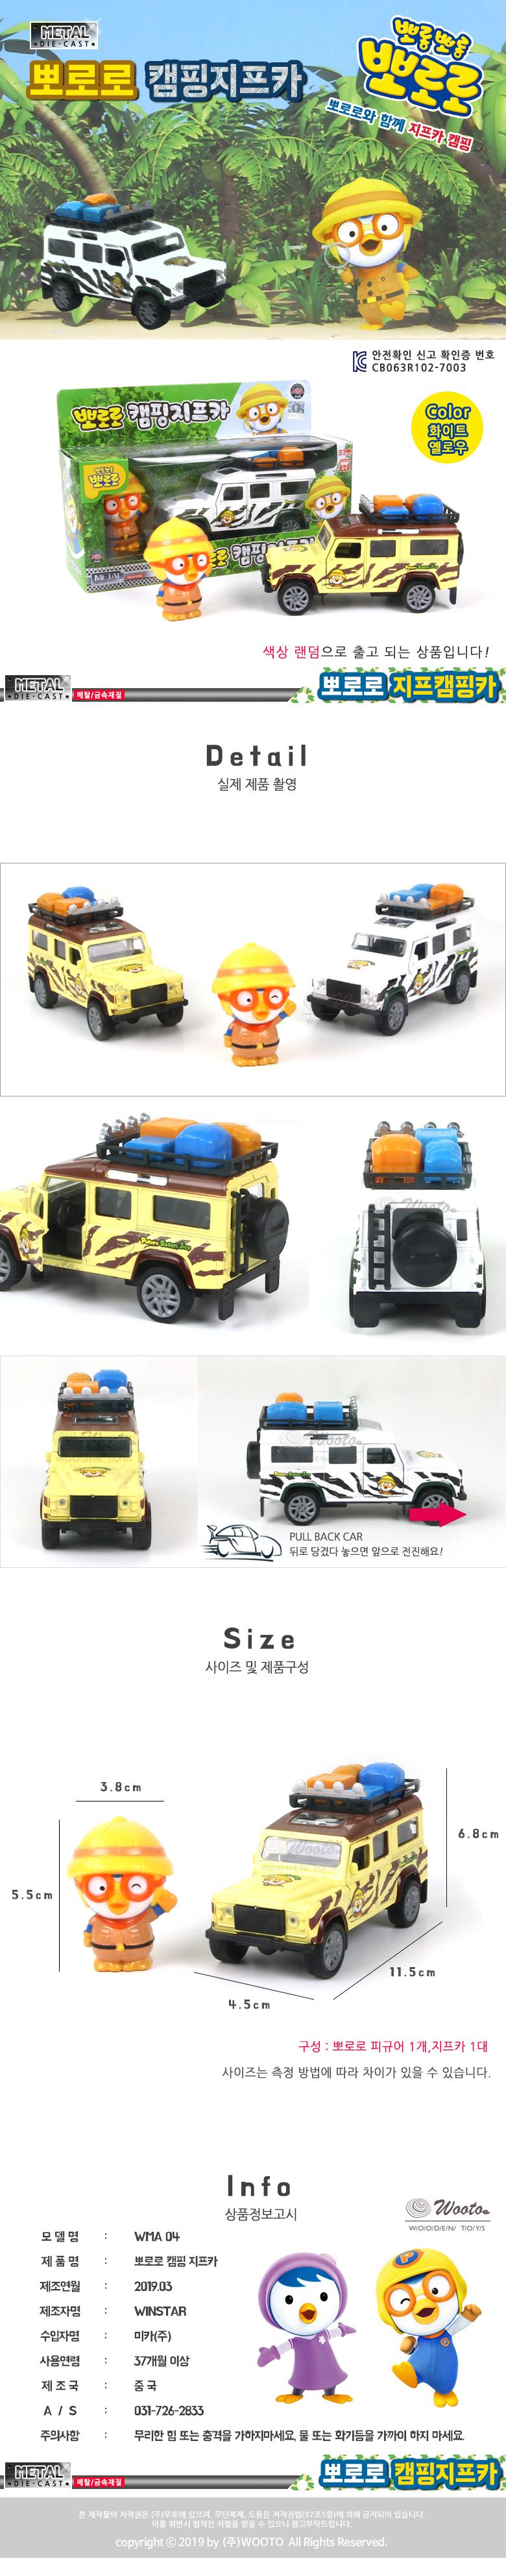 다이케스트 뽀로로 캠핑지프카 미니카 장난감 (랜덤) - 우토, 11,500원, 장난감, 장난감